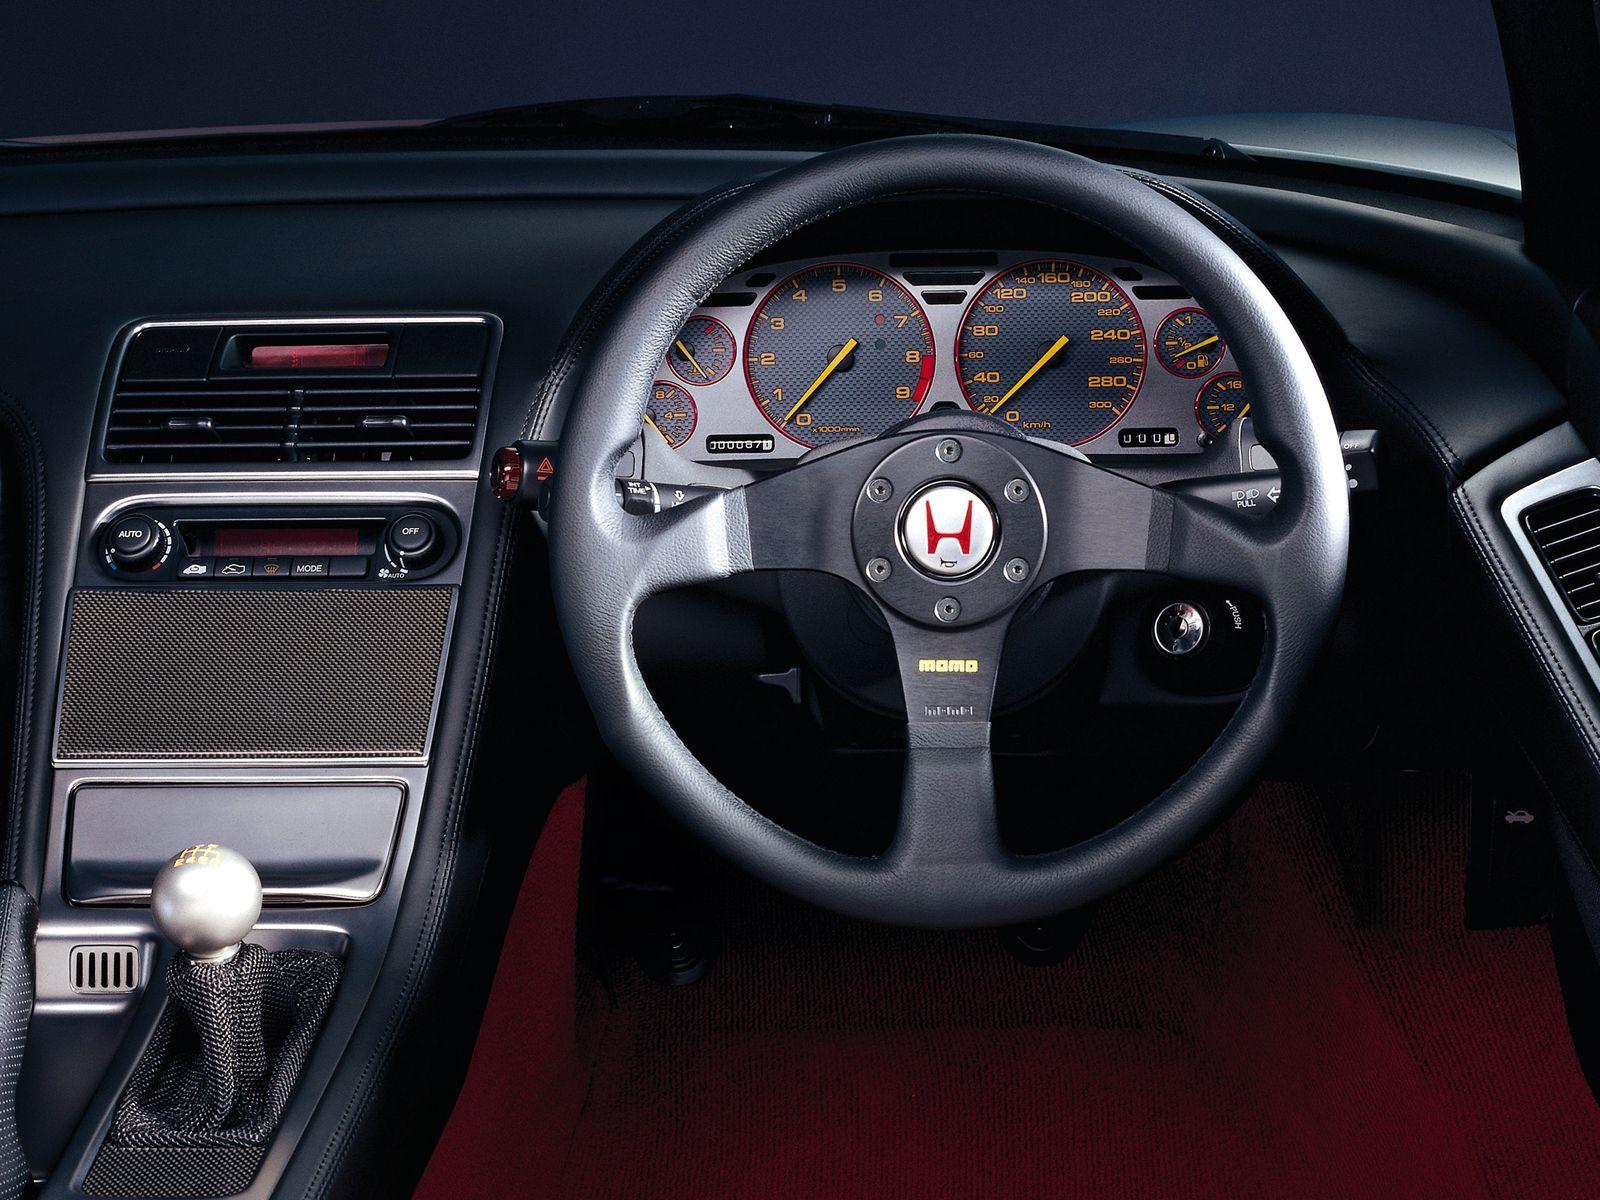 Honda NSX (1990-2005), historia de un sueño – 8000vueltas.com